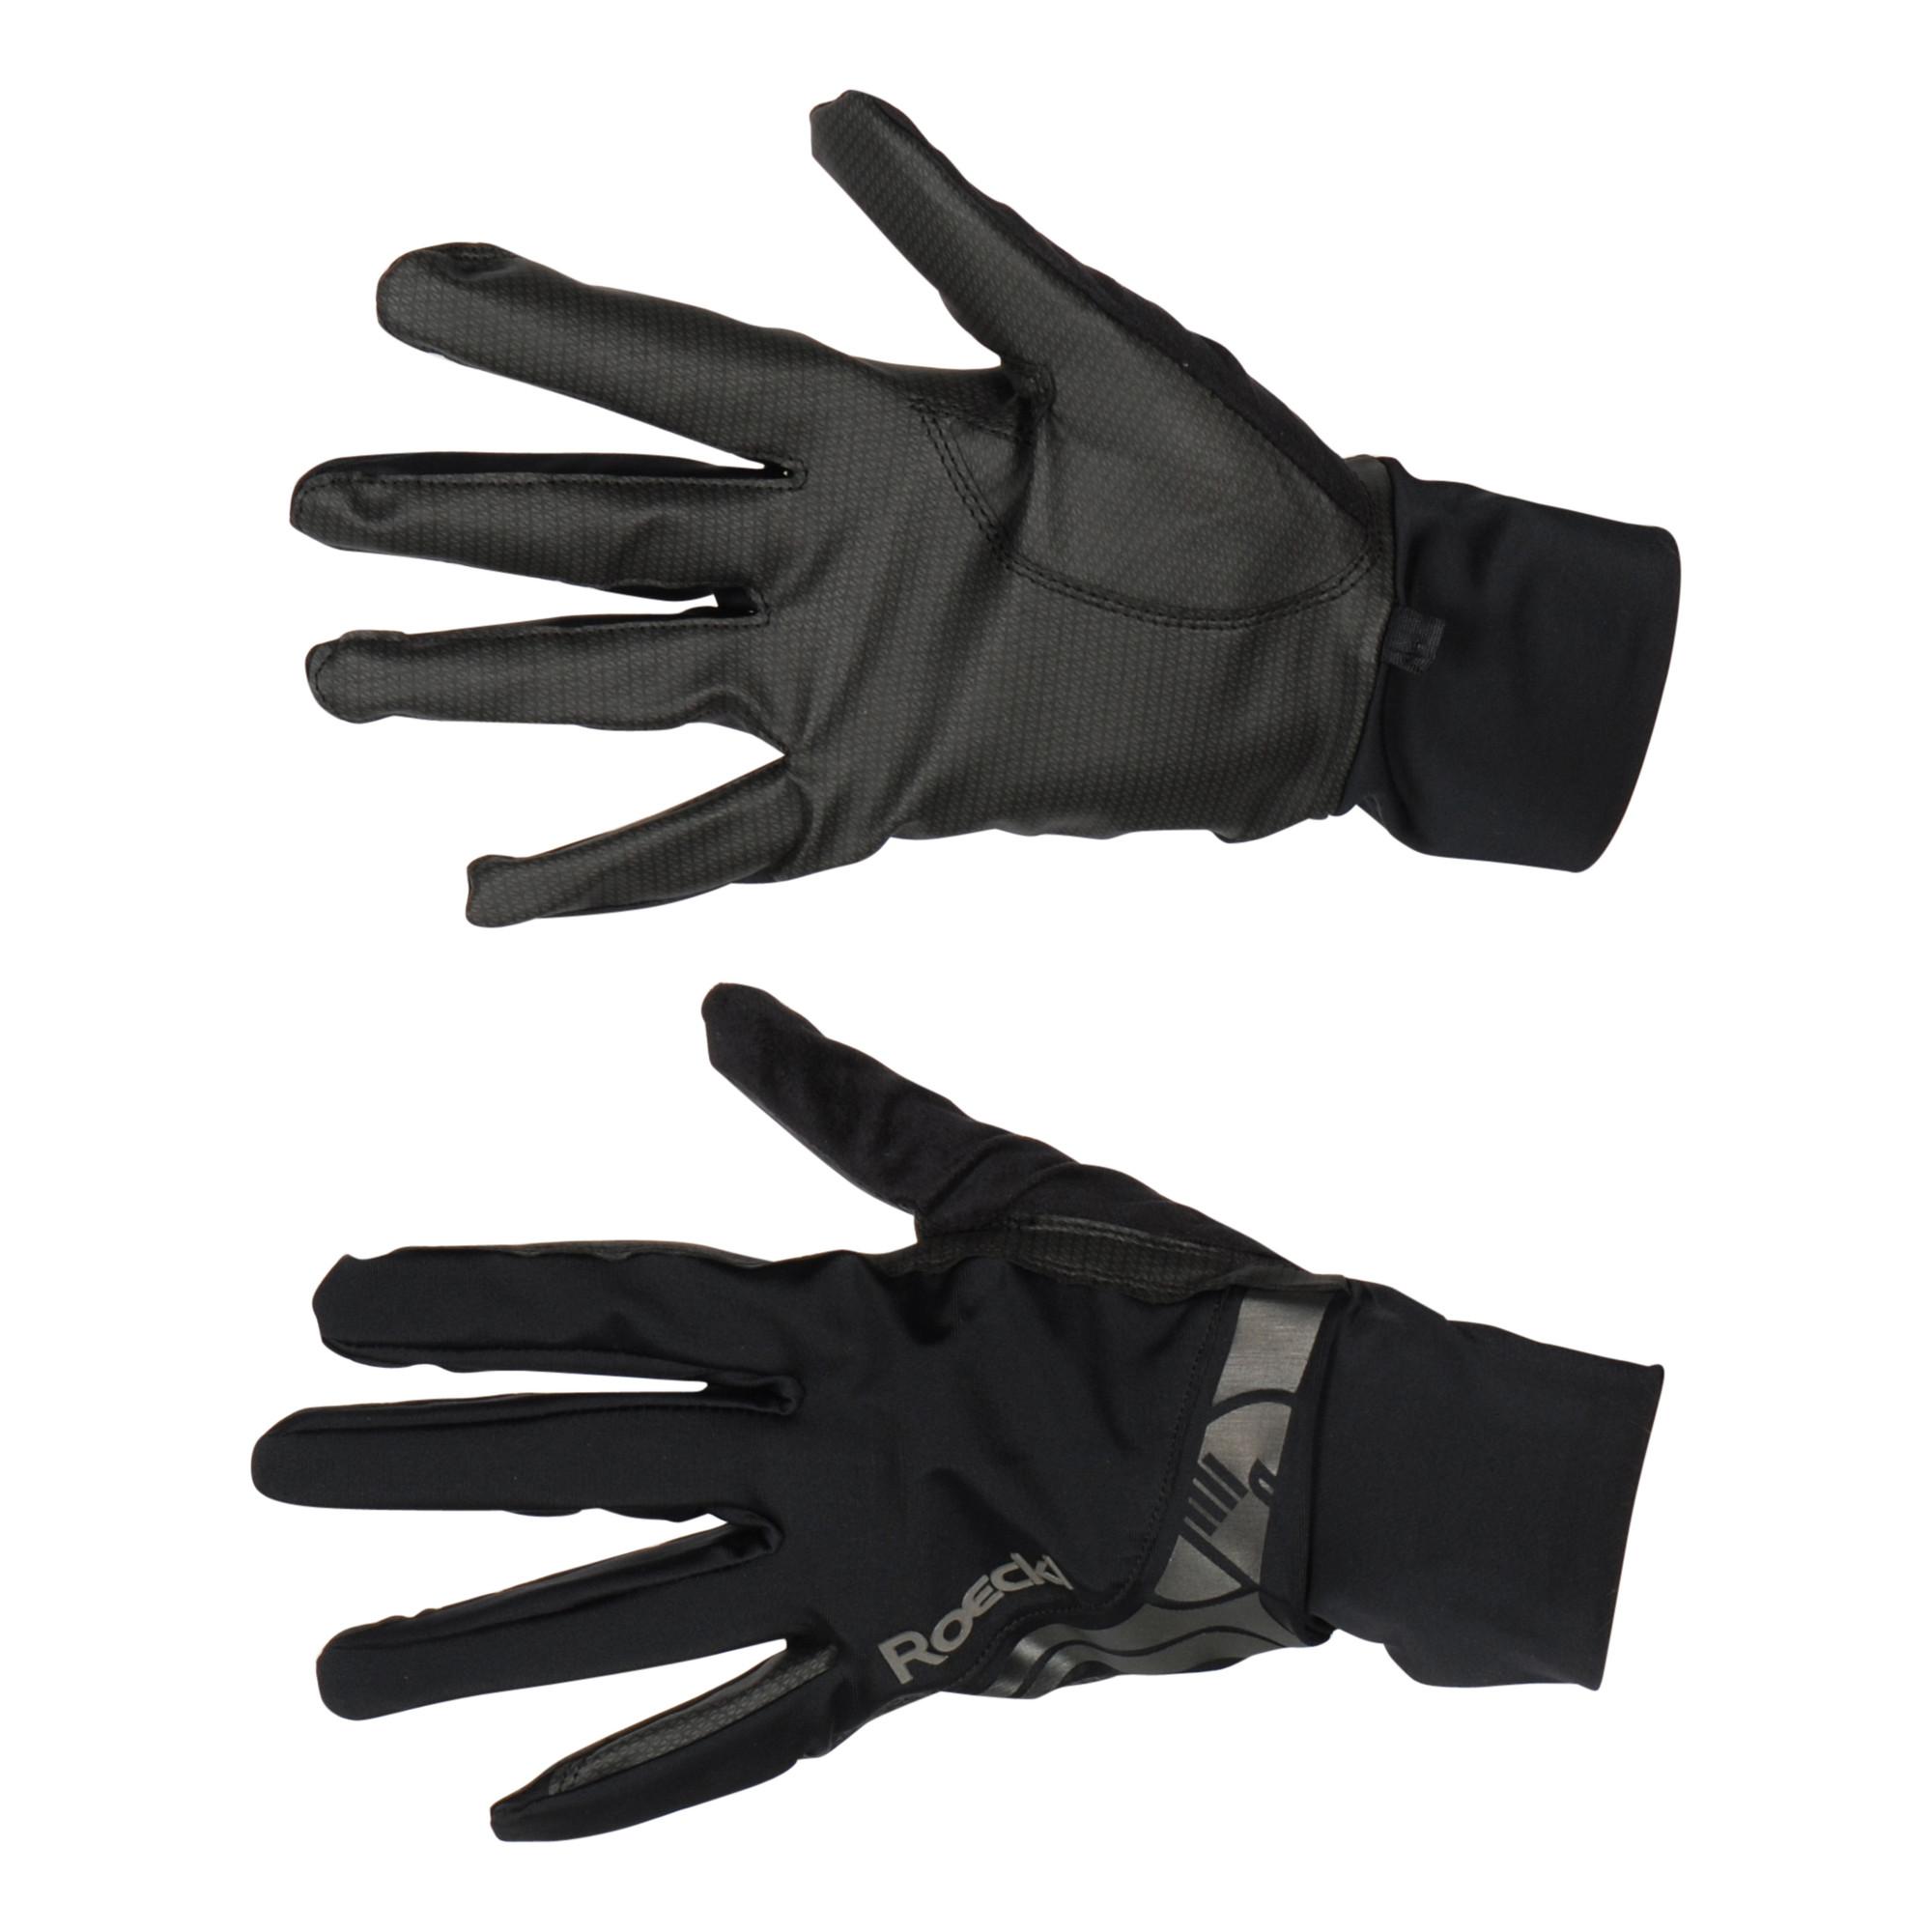 Roeckl Melbourne handschoen zwart maat:8,5